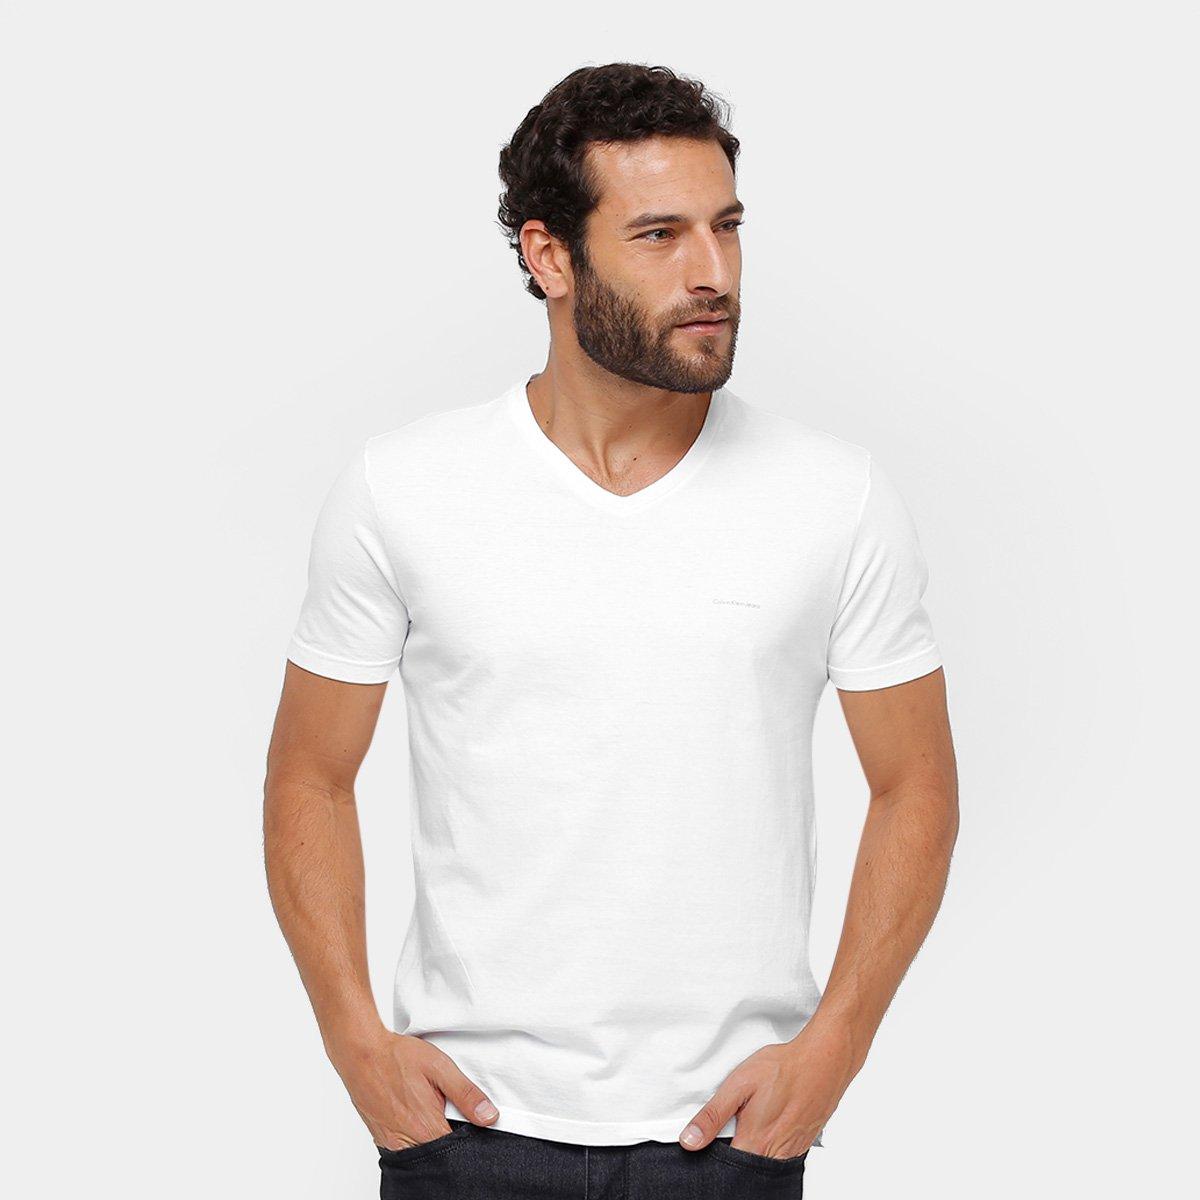 a2d235df46e11 Camiseta Calvin Klein Gola V Básica Masculina - Compre Agora